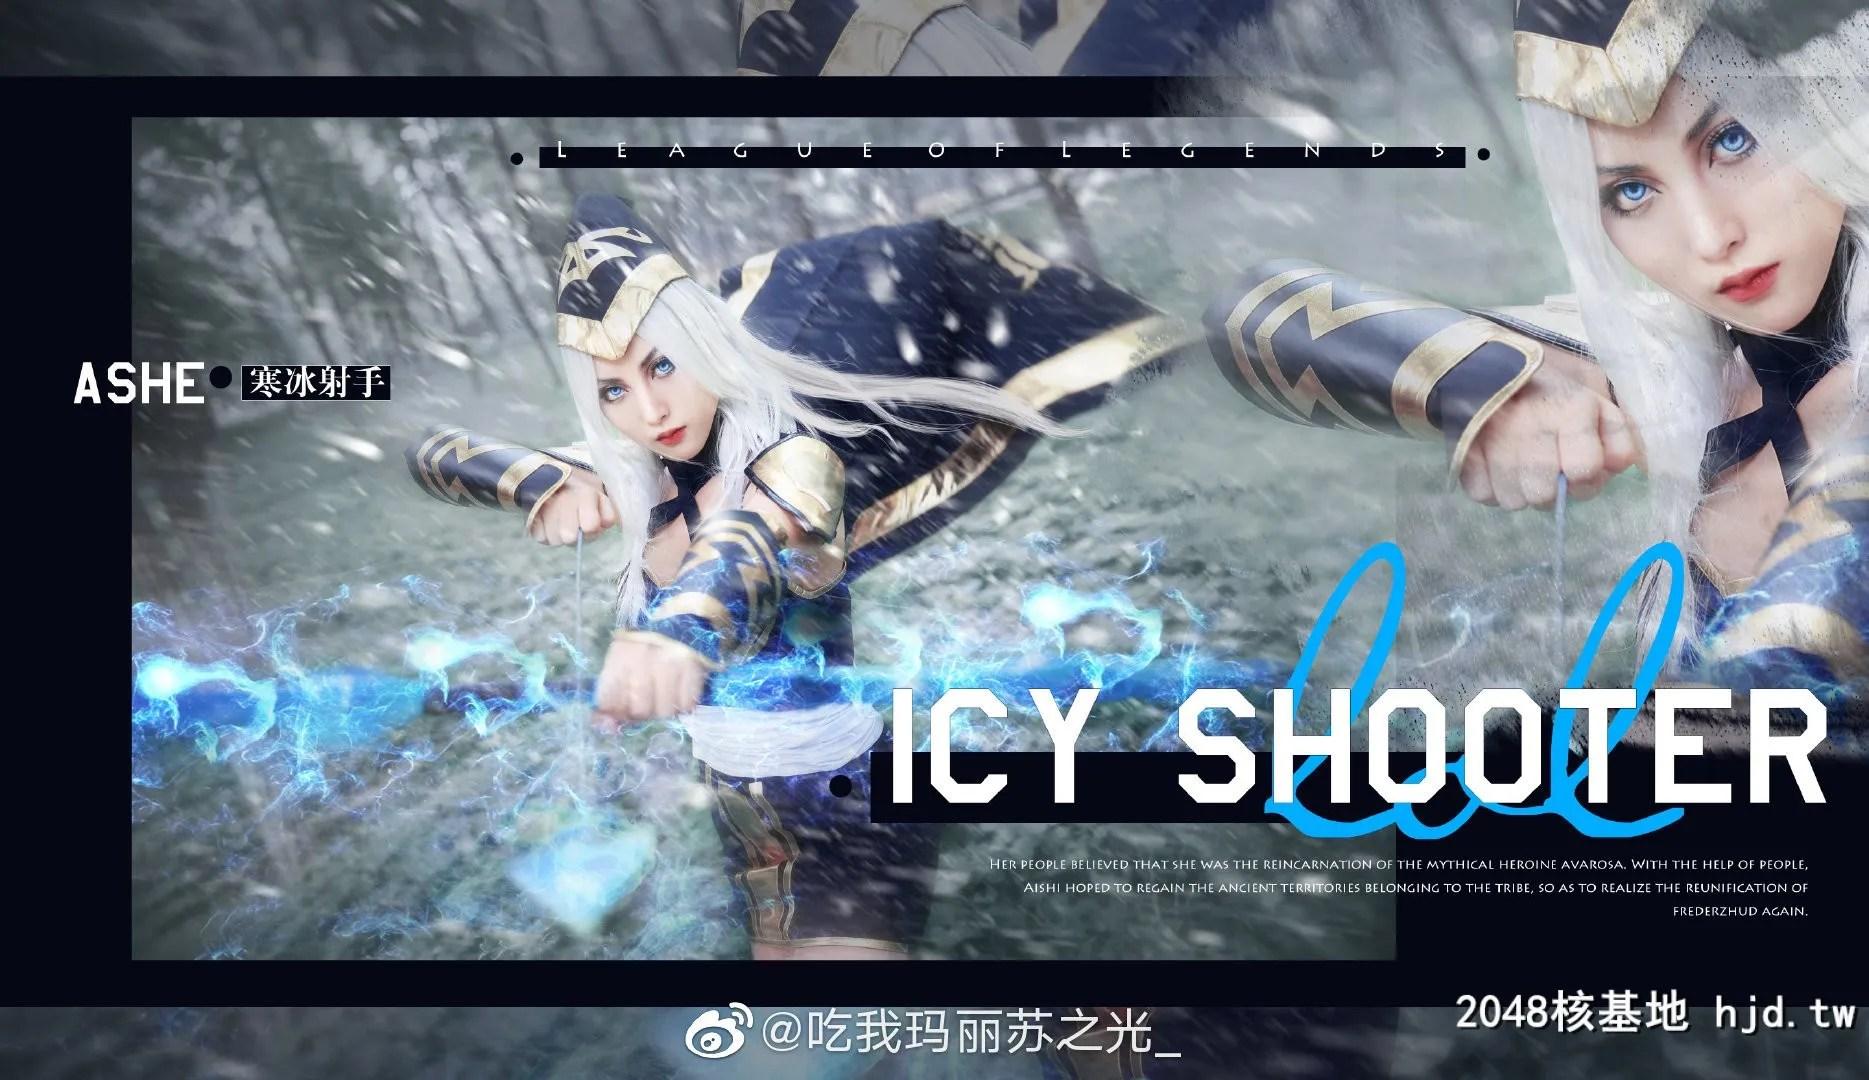 英雄联盟寒冰射手艾希@吃我玛丽苏之光_ (9P)插图